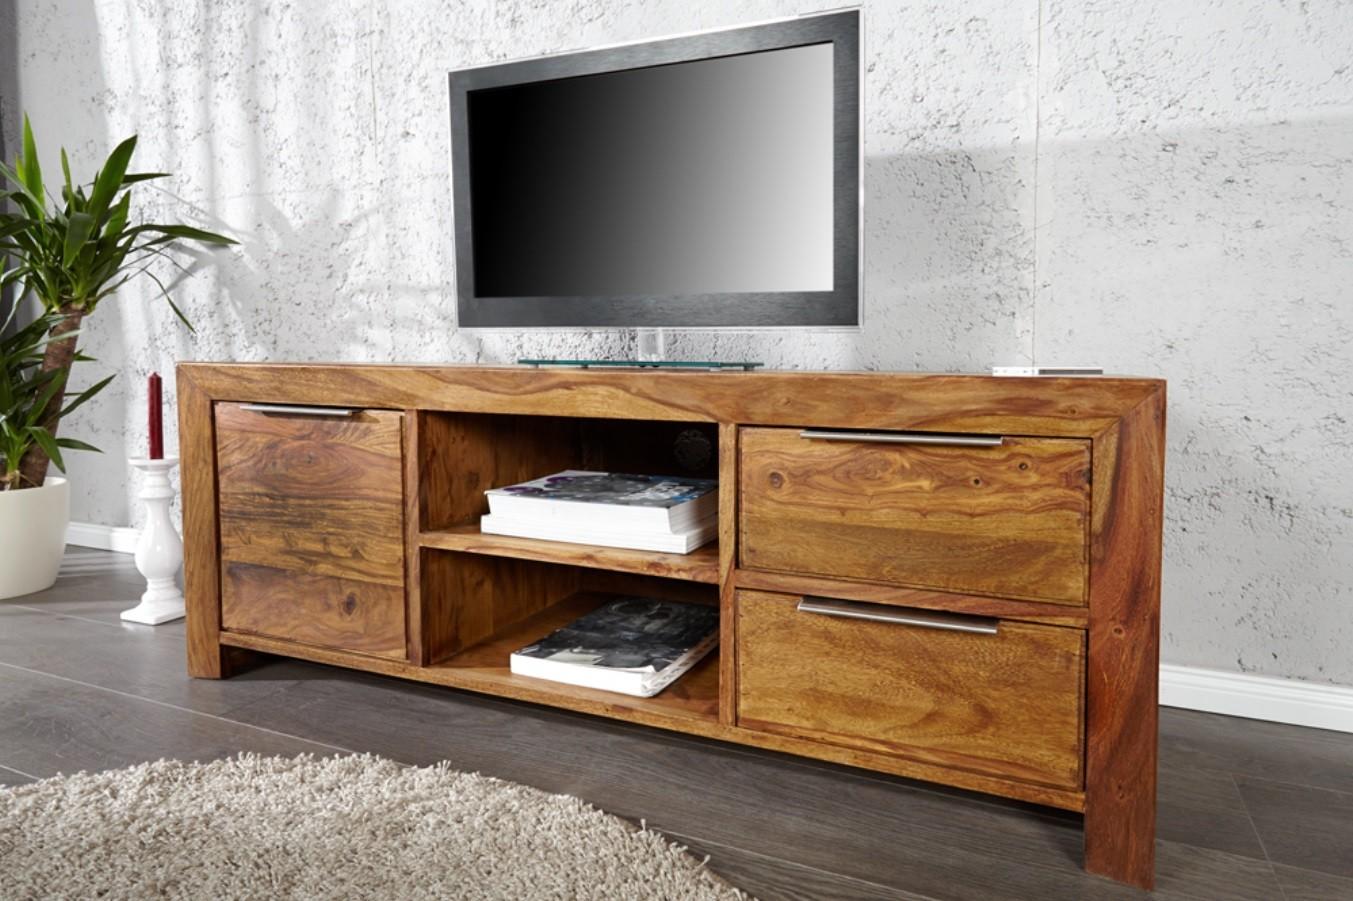 Tous Meuble De Tv - Meuble Tv Design En Bois Maison Et Mobilier D Int Rieur[mjhdah]http://uteyo.com/images/blog-cuisine-de-tous-les-jours-14-7-les-enfilades-amp-meubles-tv-geonancy-design-1024×768.jpg